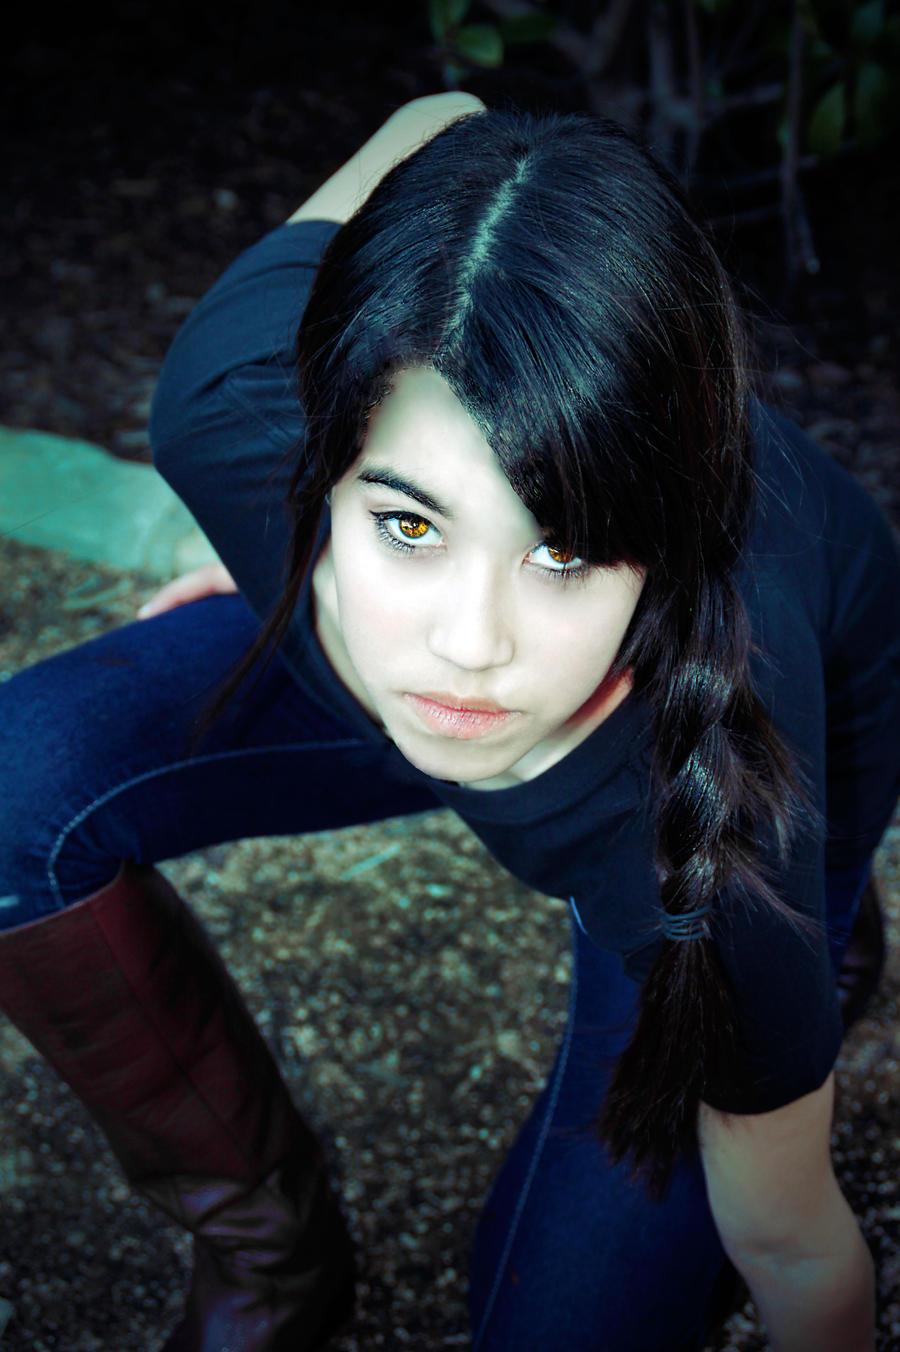 The Hunger Games: Katniss Everdeen by musicity